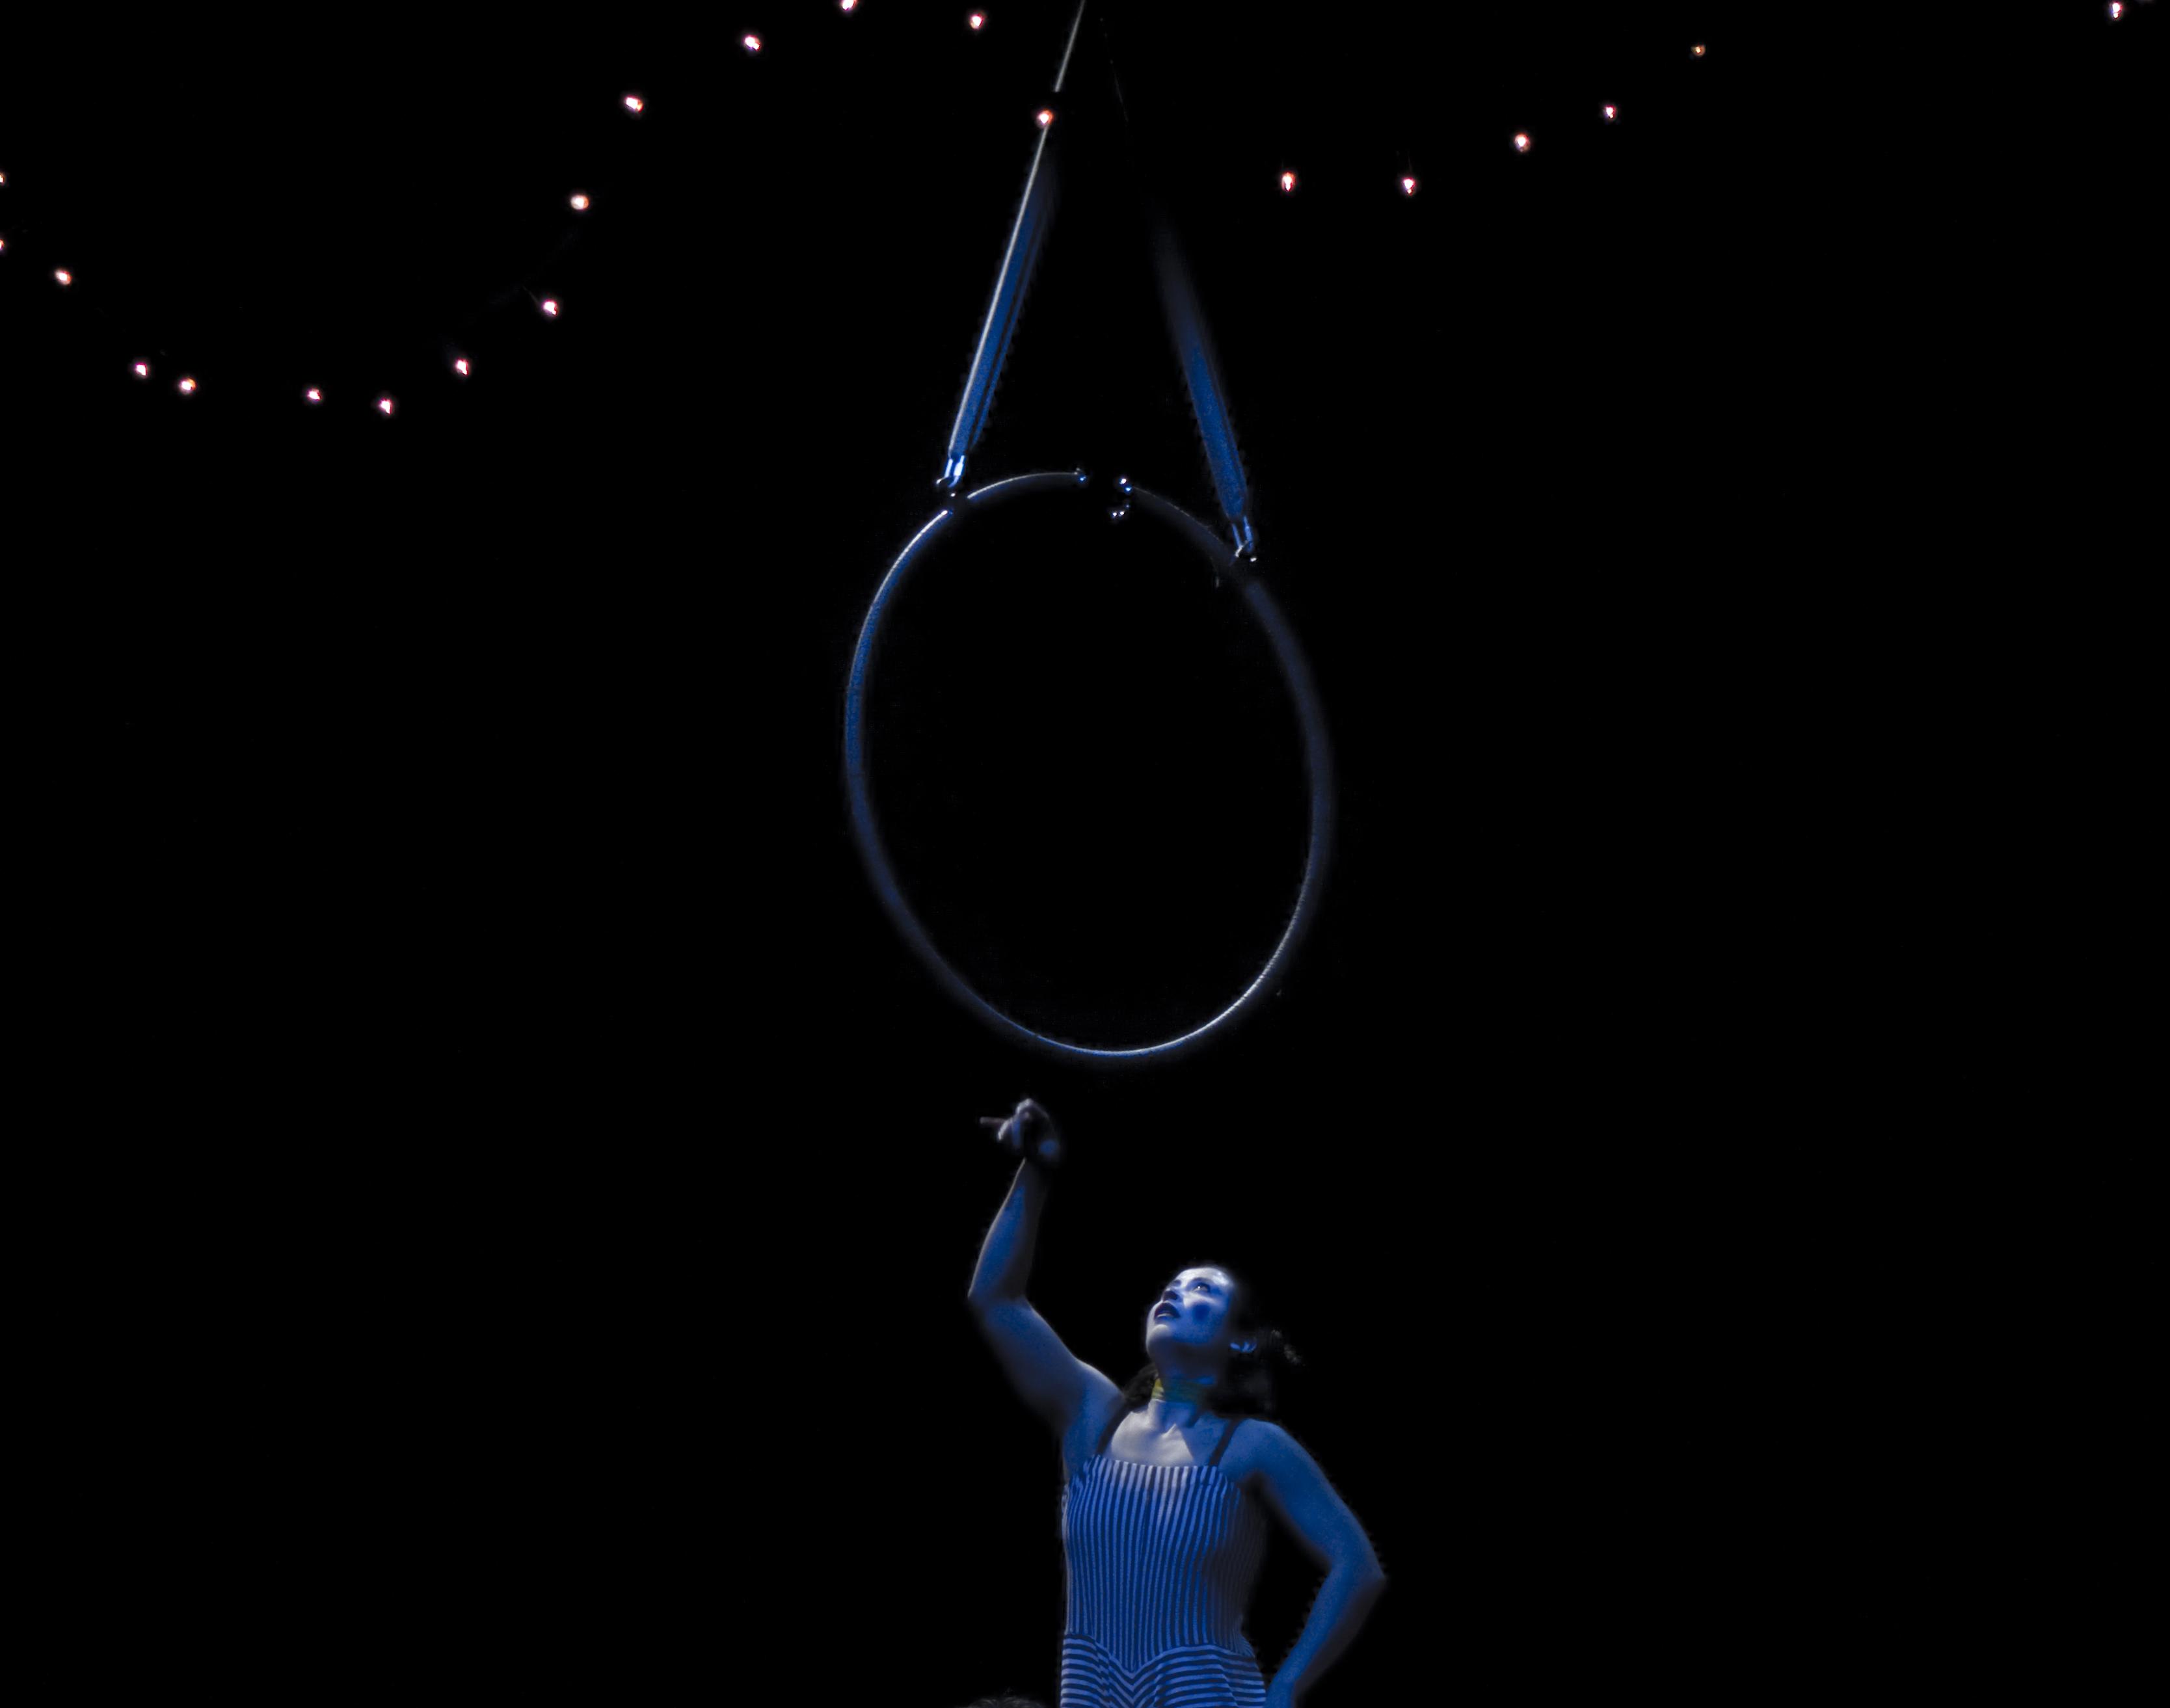 2012_02_05_circo_parola_CG_001